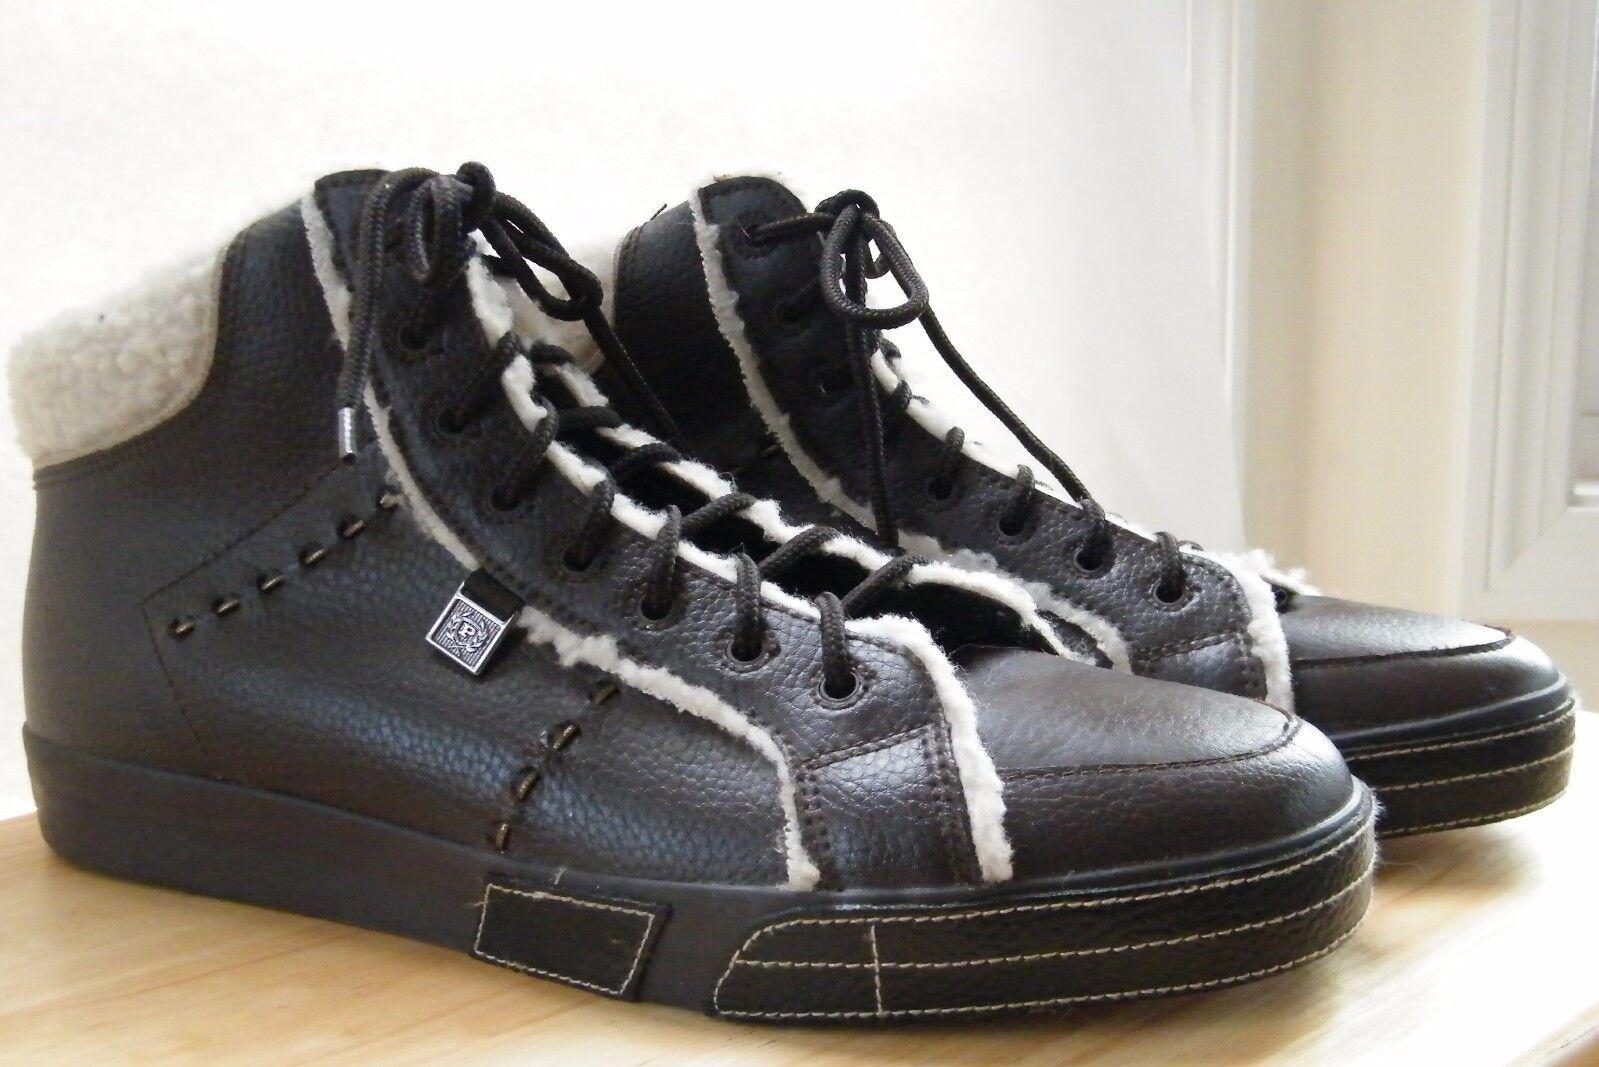 Phat farm - chukka chukka chukka stivali caviglia brown di finto pelo dimensioni 13 cuoio del merletto c8e0c8